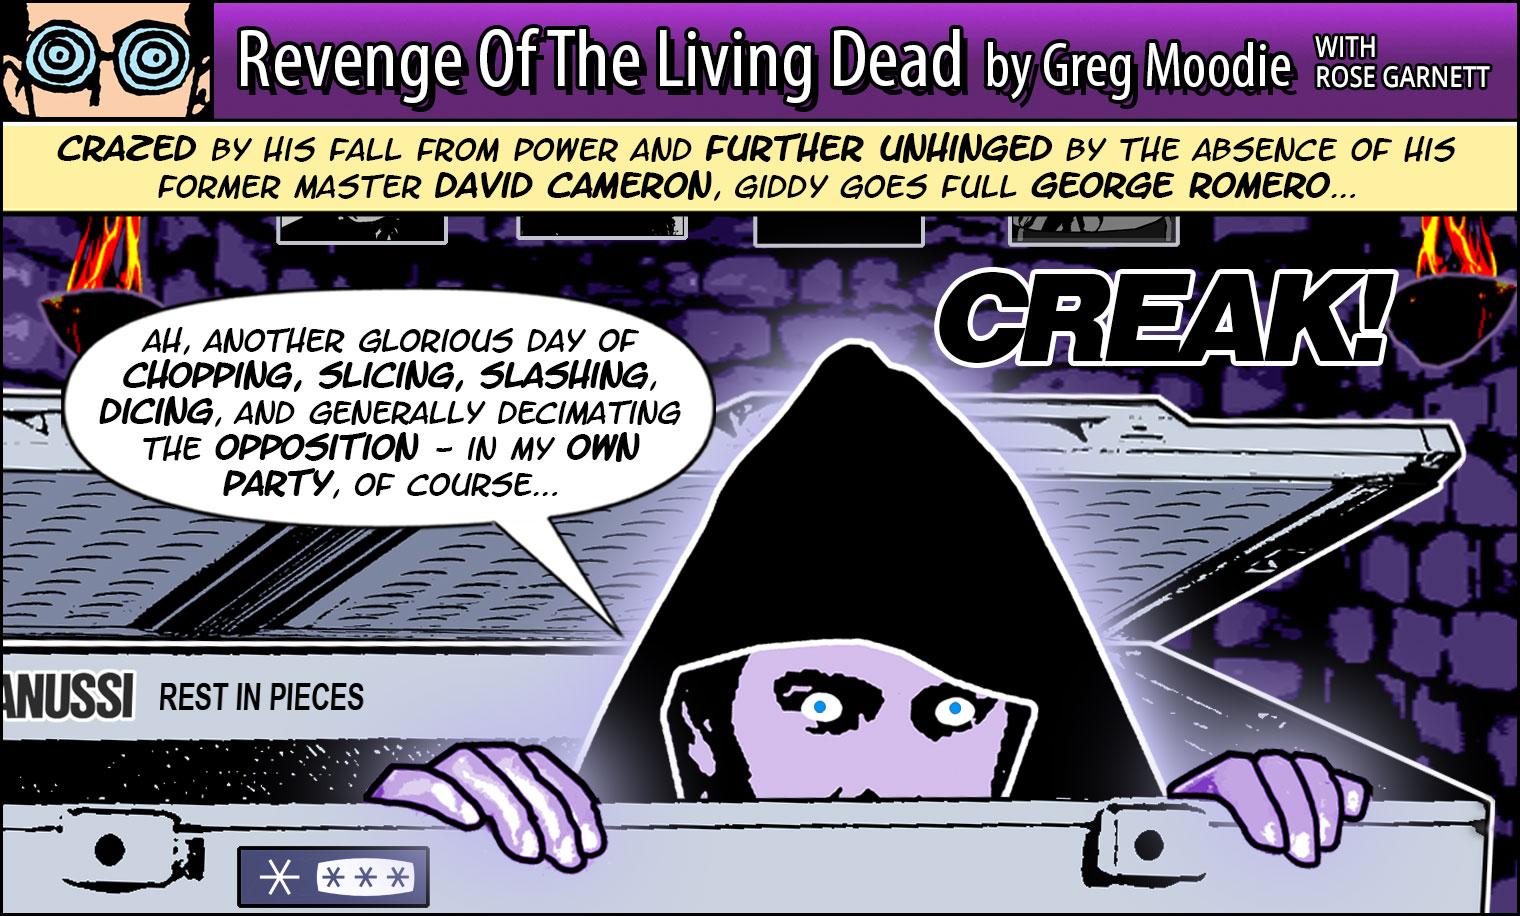 Revenge Of The Living Dead